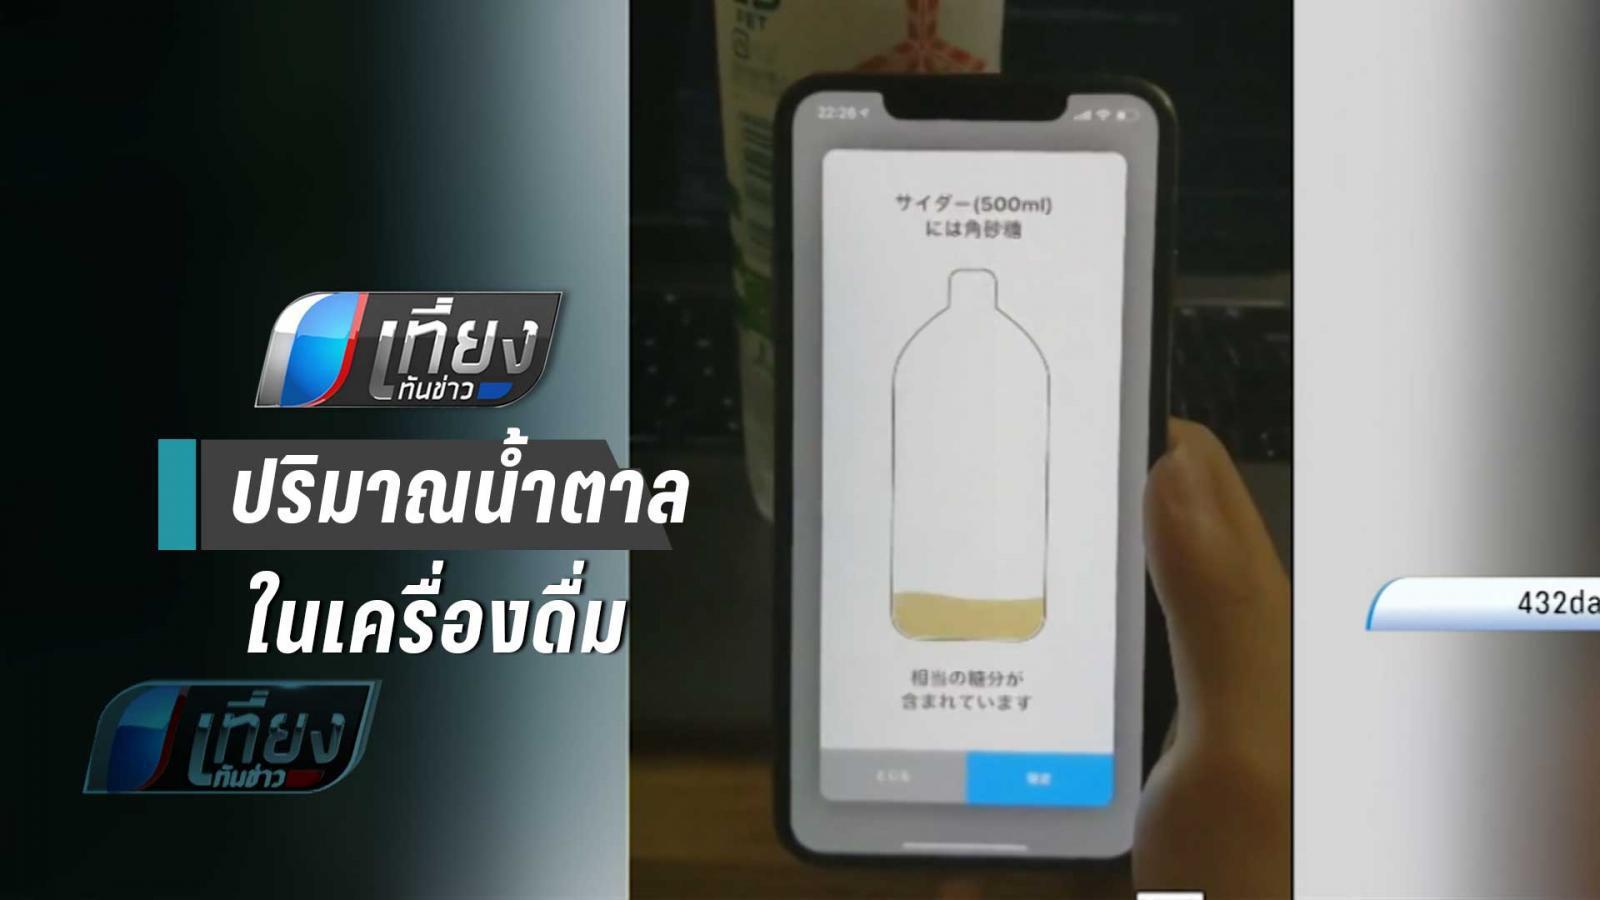 หนุ่มญี่ปุ่น คิดค้น แอปฯโชว์ปริมาณน้ำตาล ในเครื่องดื่ม